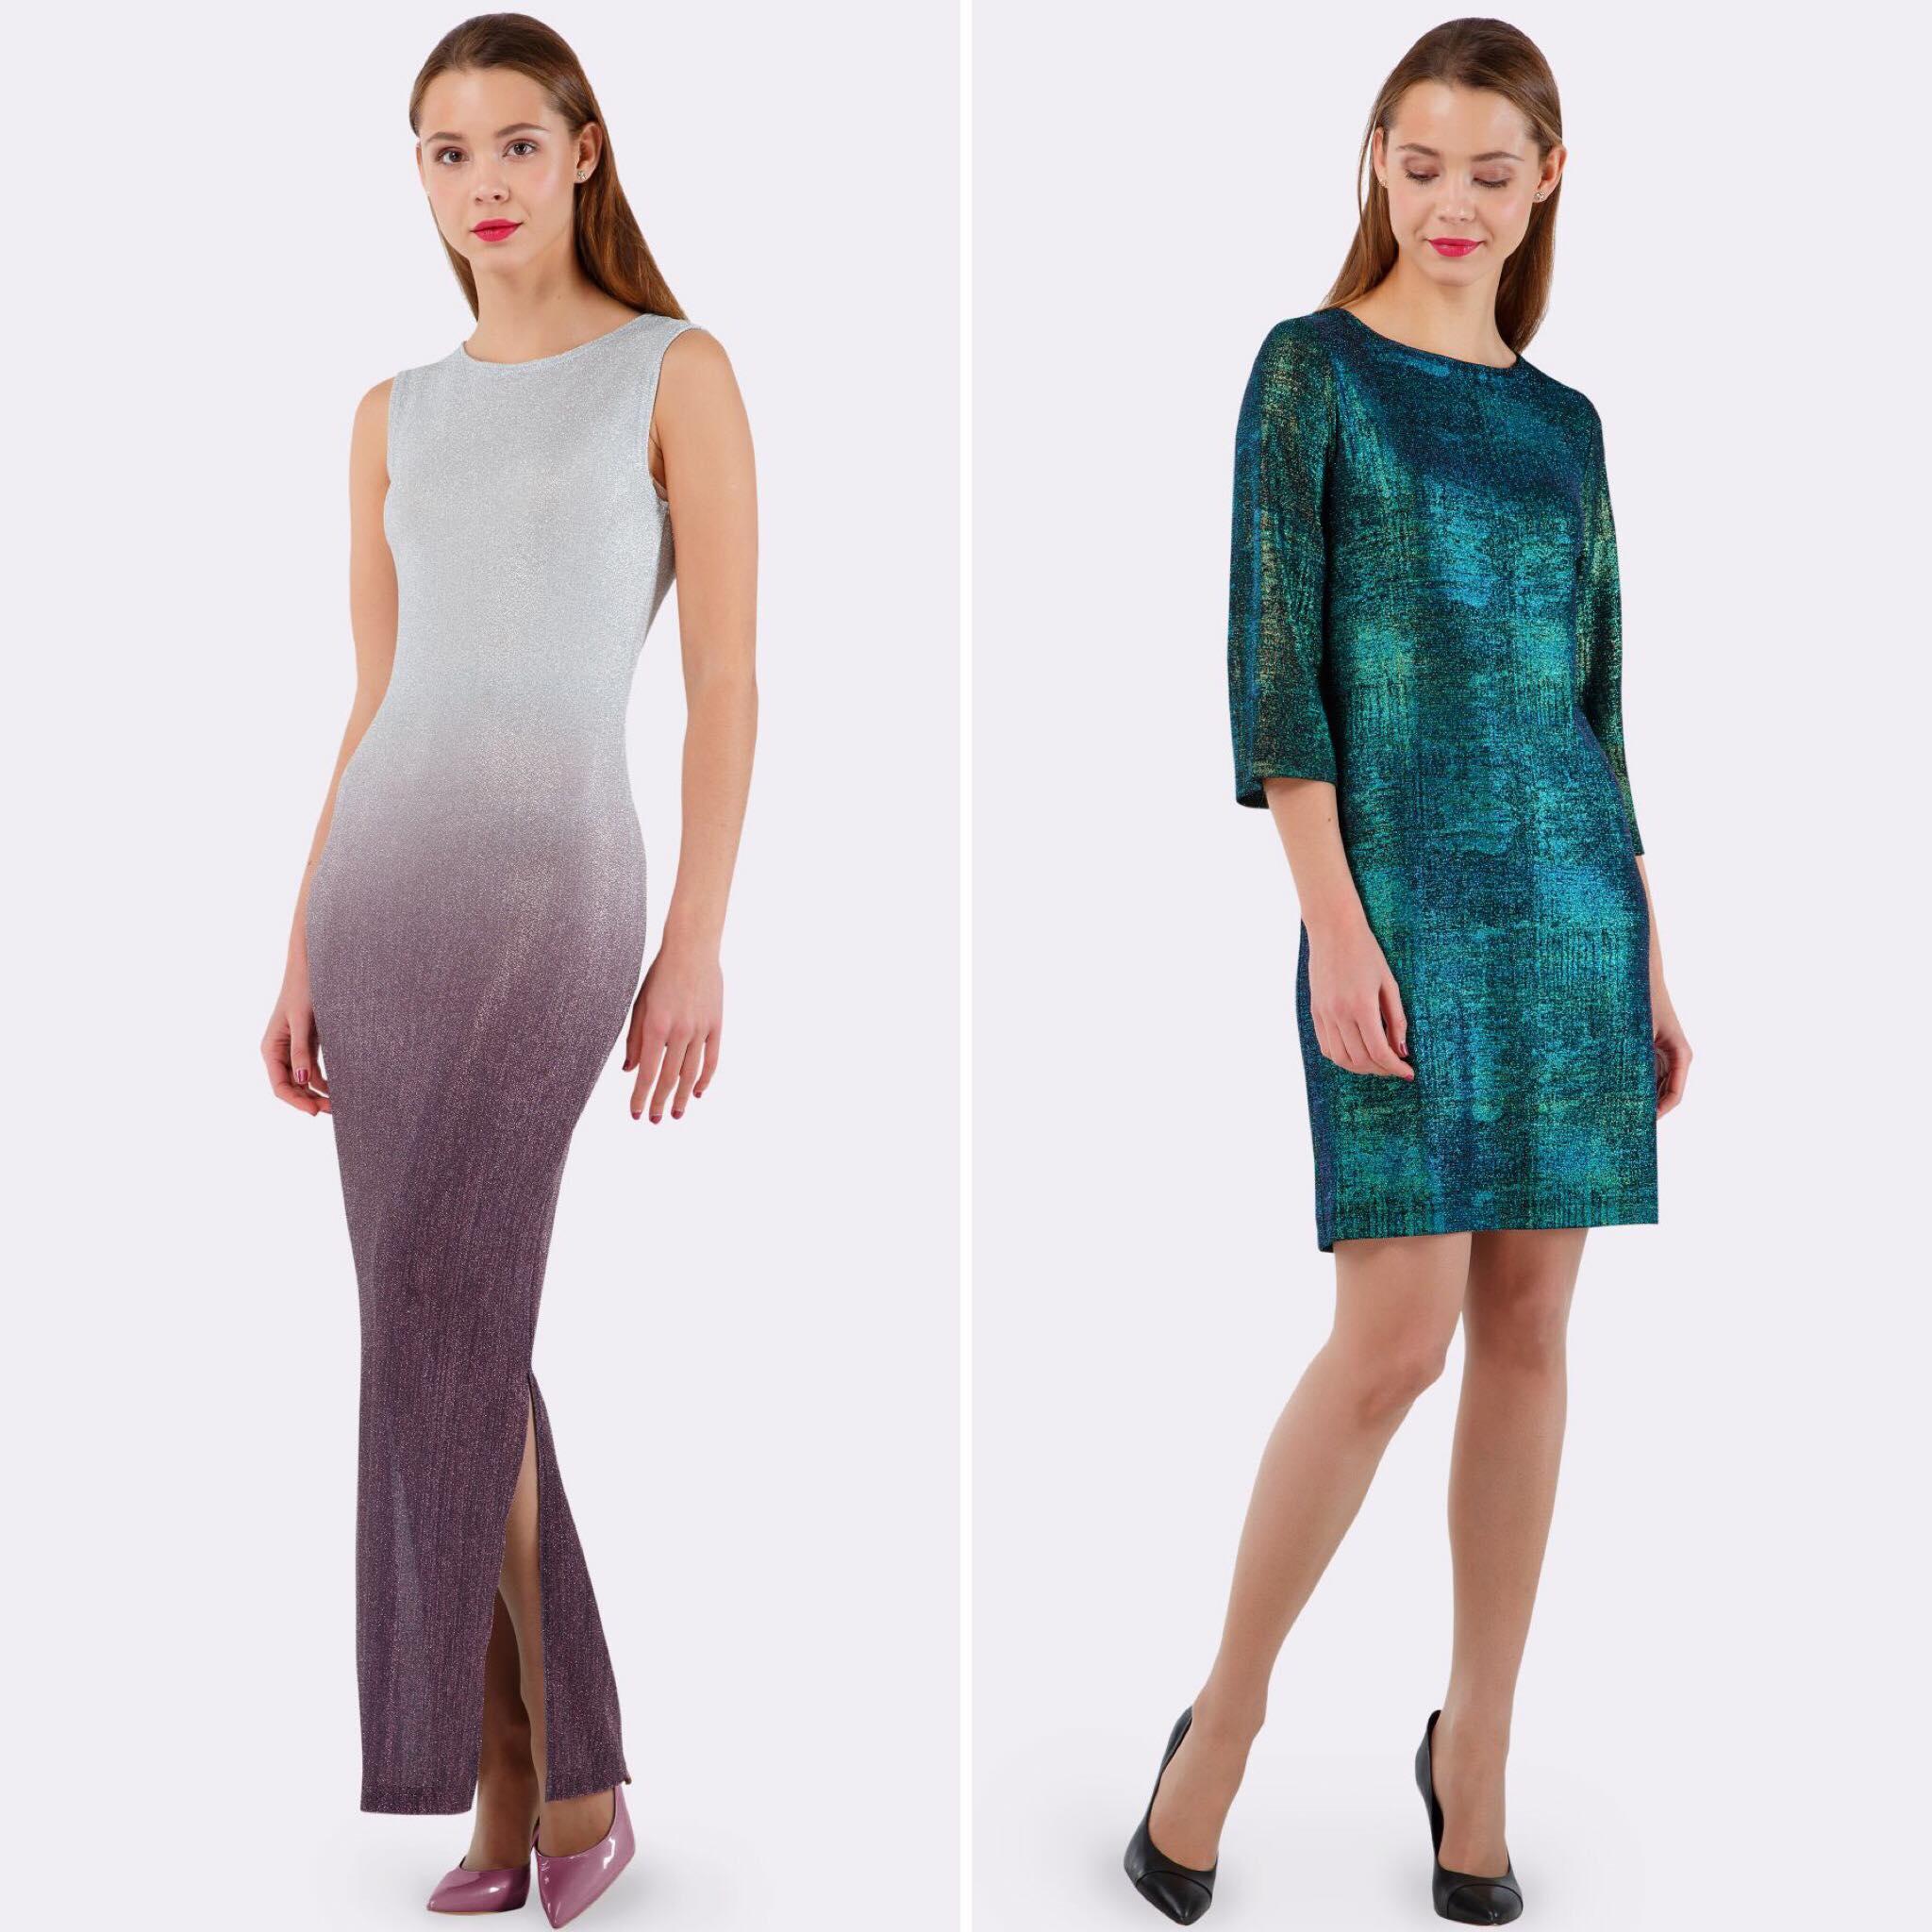 78ad30b8946 Выбираем платье на корпоратив - CAT ORANGE Интернет магазин женской ...